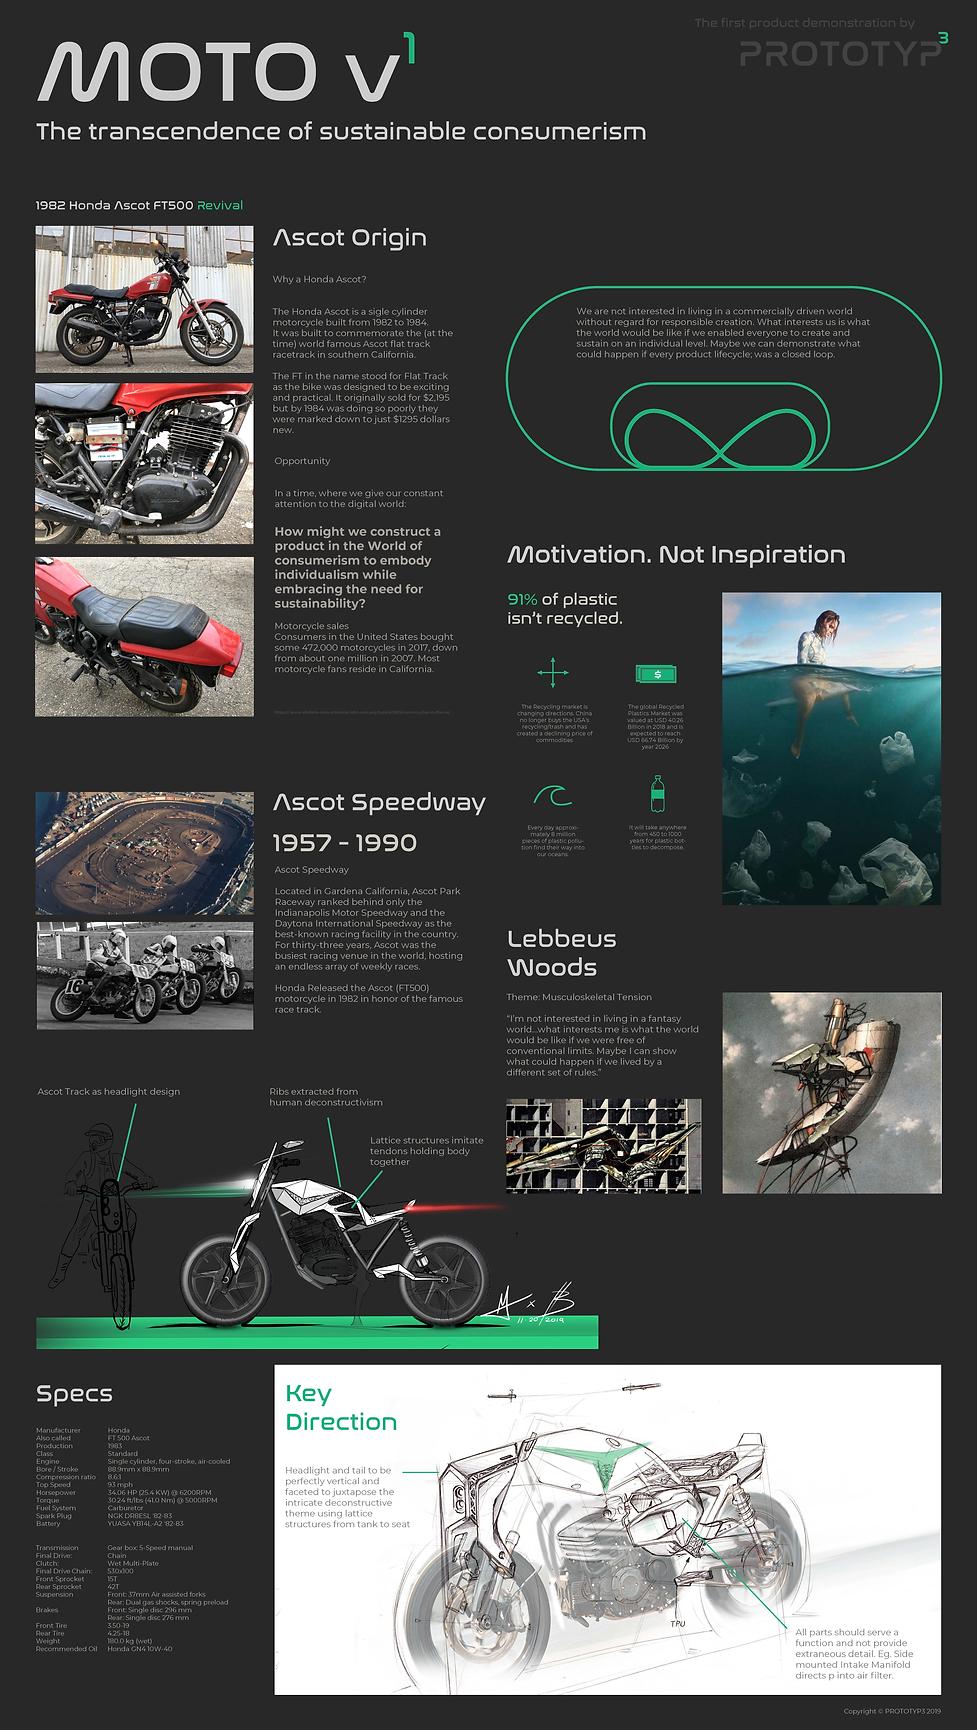 Moto 01 v1 PROTOTYP3